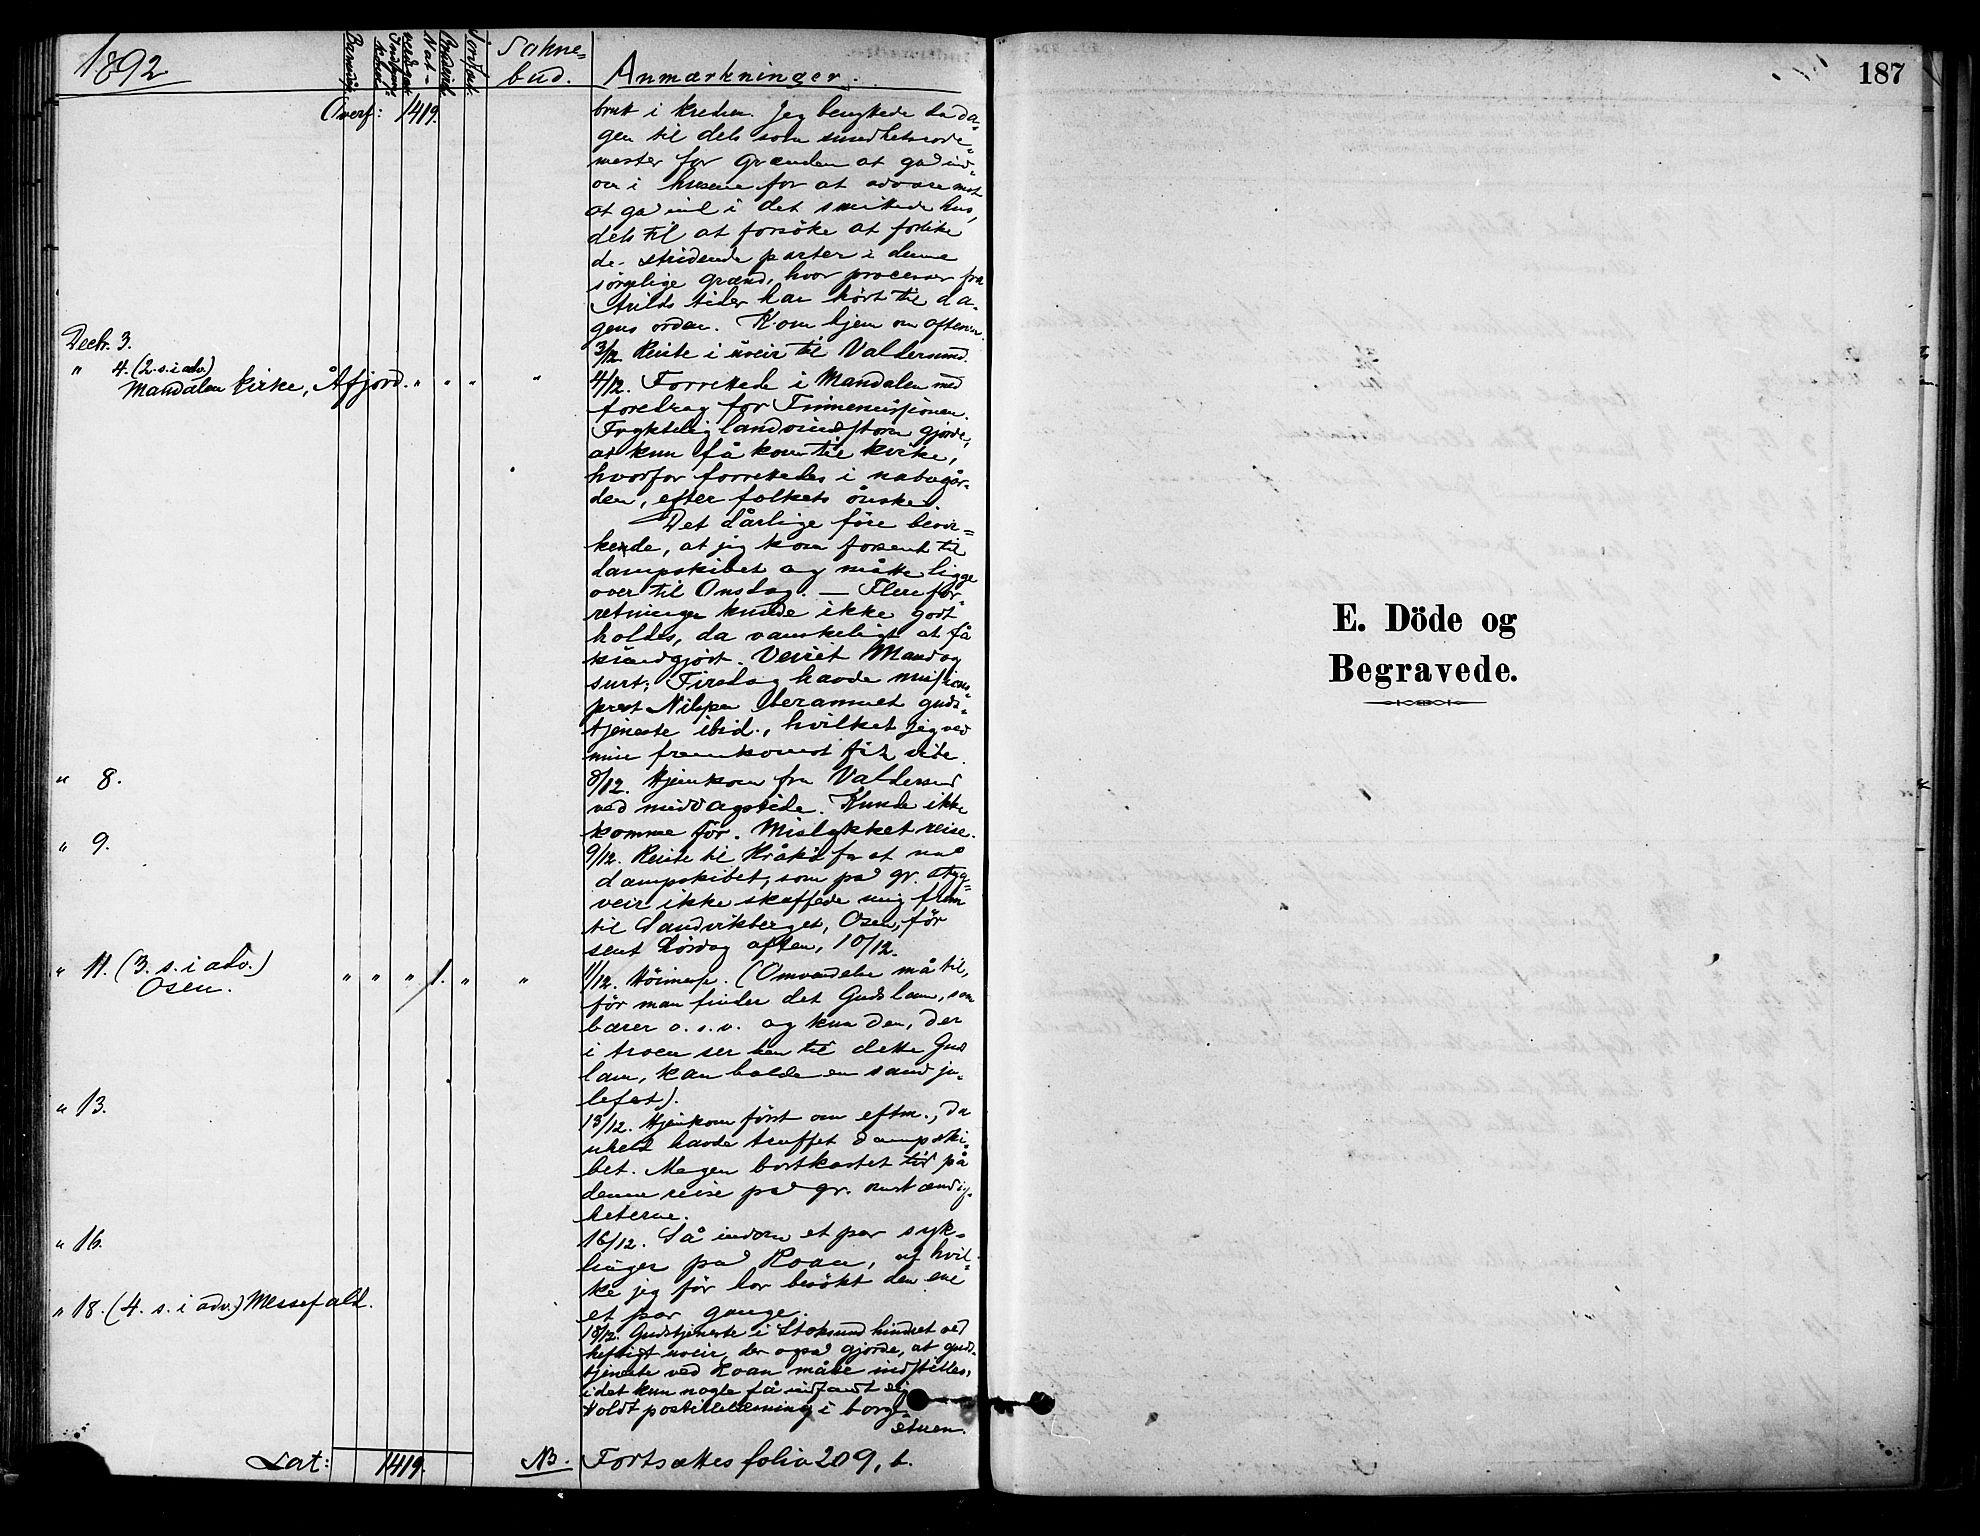 SAT, Ministerialprotokoller, klokkerbøker og fødselsregistre - Sør-Trøndelag, 657/L0707: Ministerialbok nr. 657A08, 1879-1893, s. 187